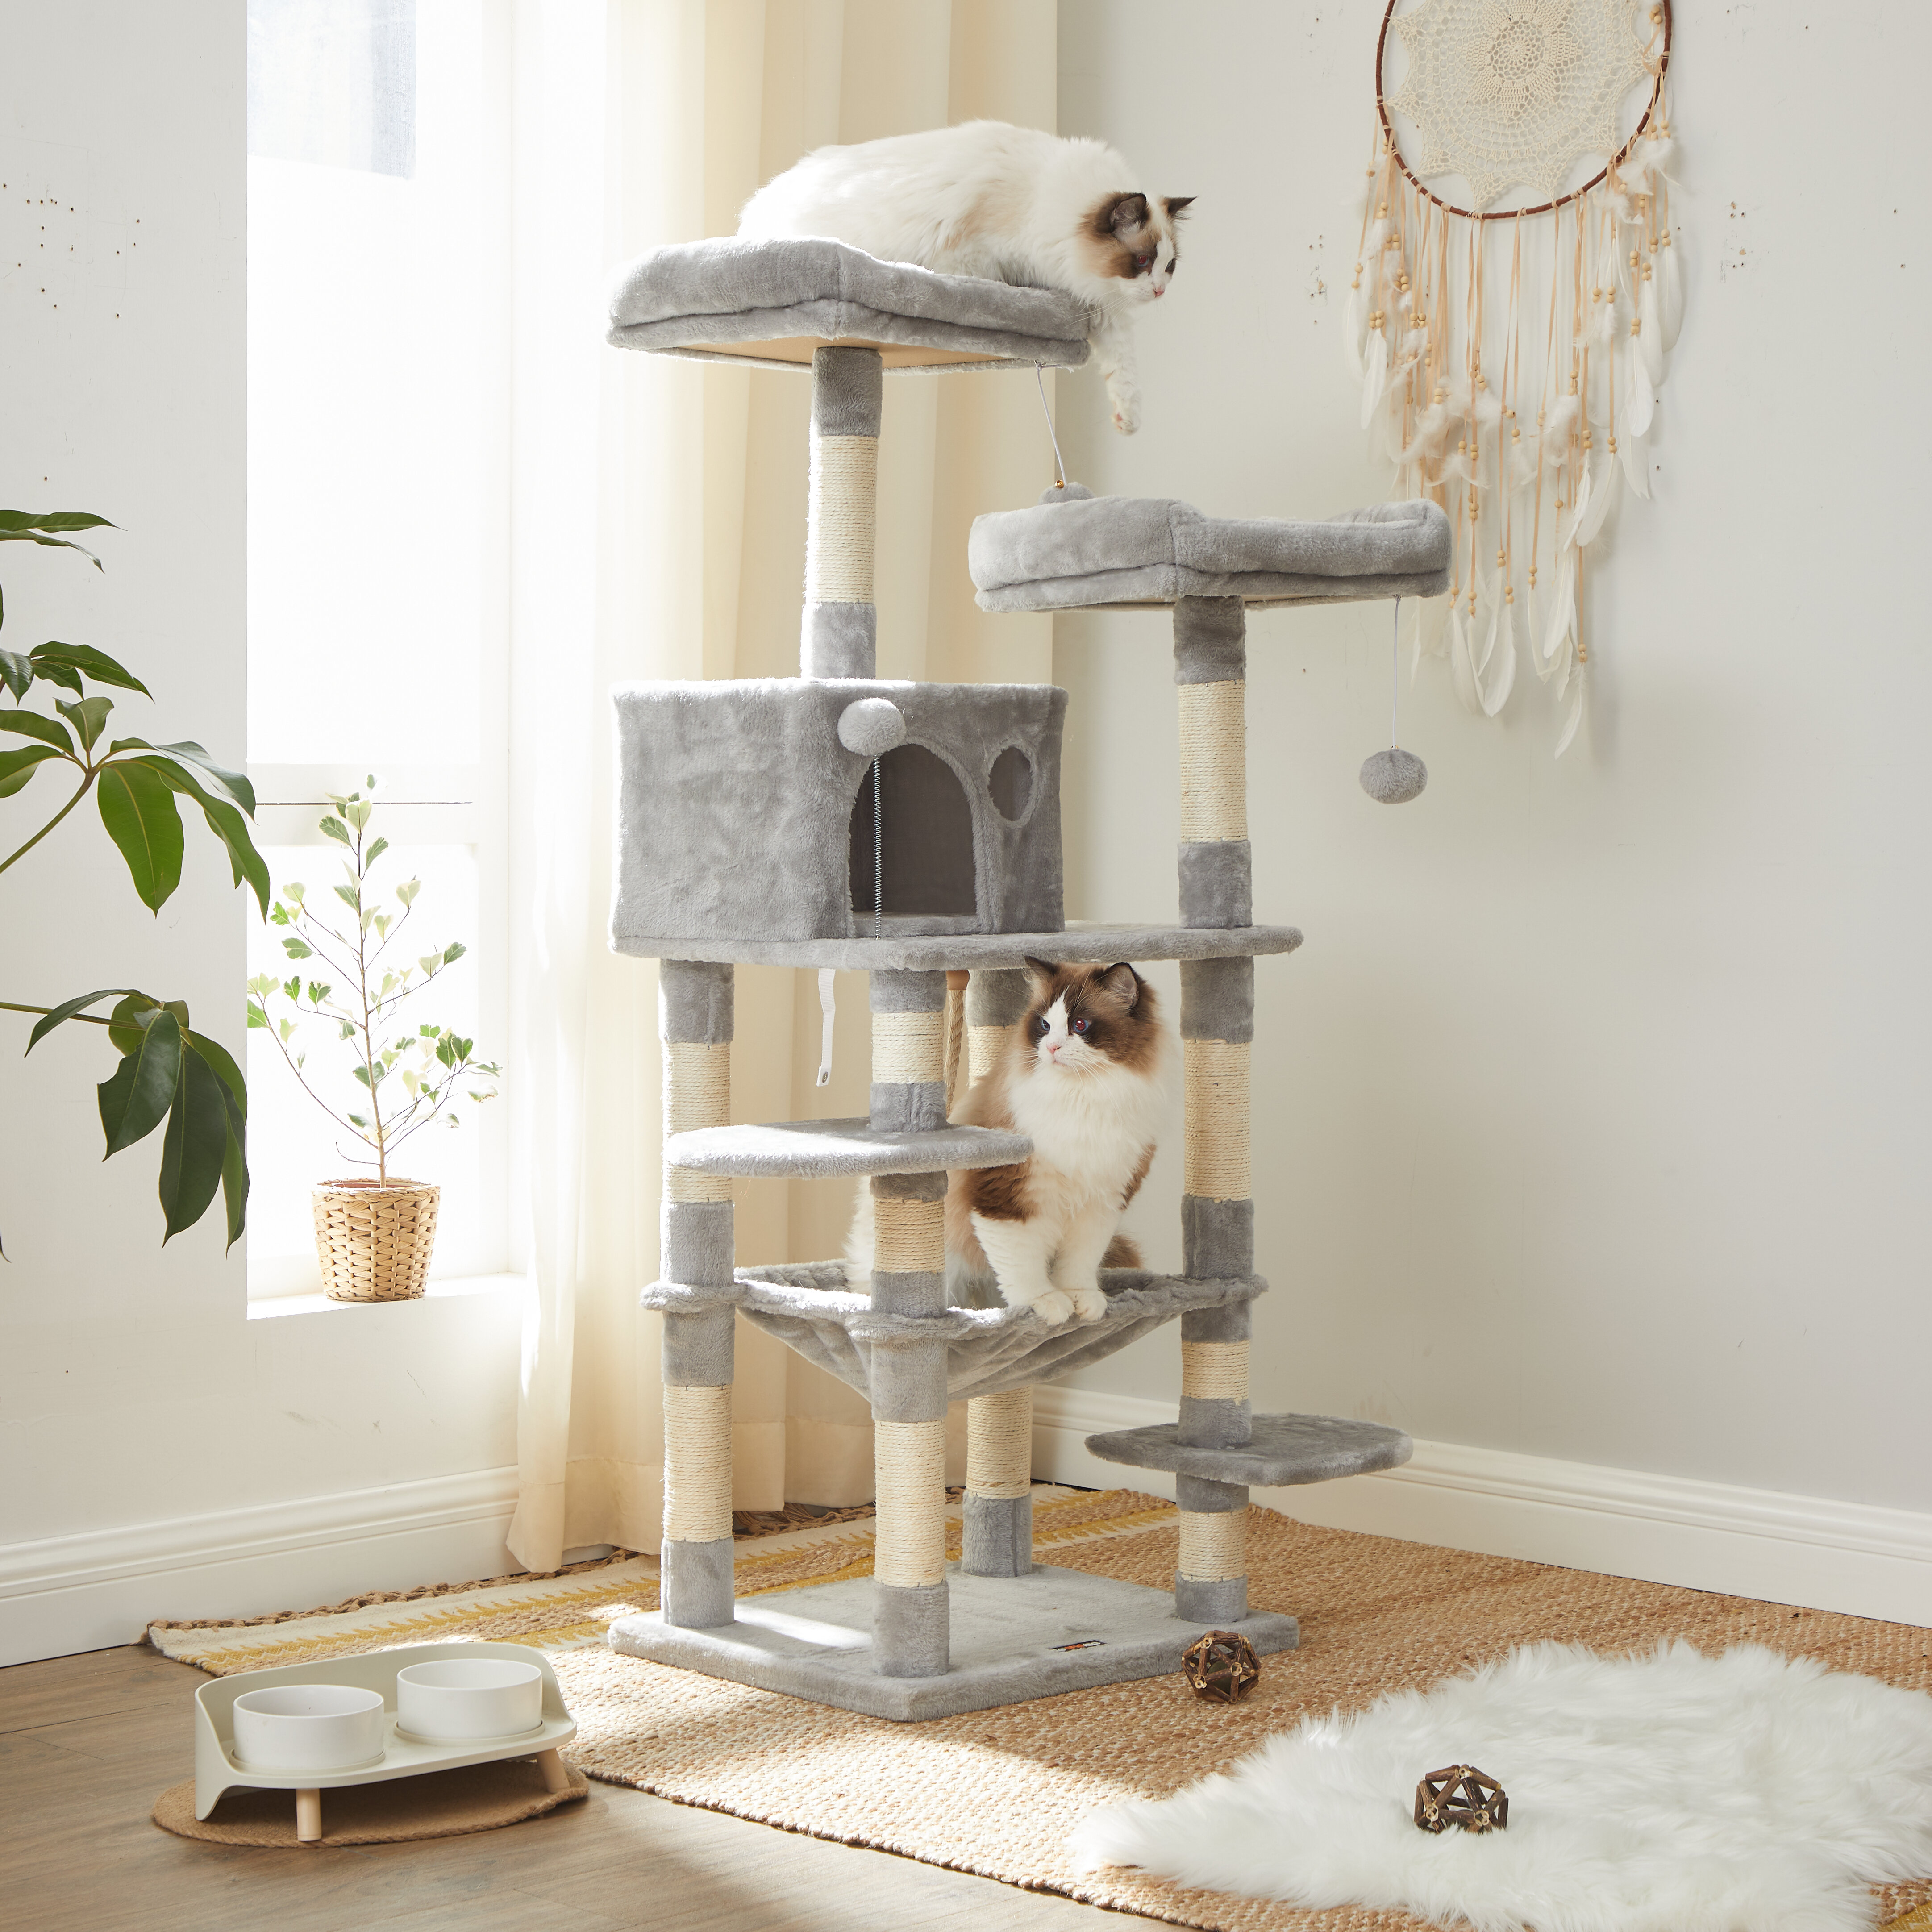 Tucker Murphy Pet 58 Byer Cat Tree Or Condo Reviews Wayfair